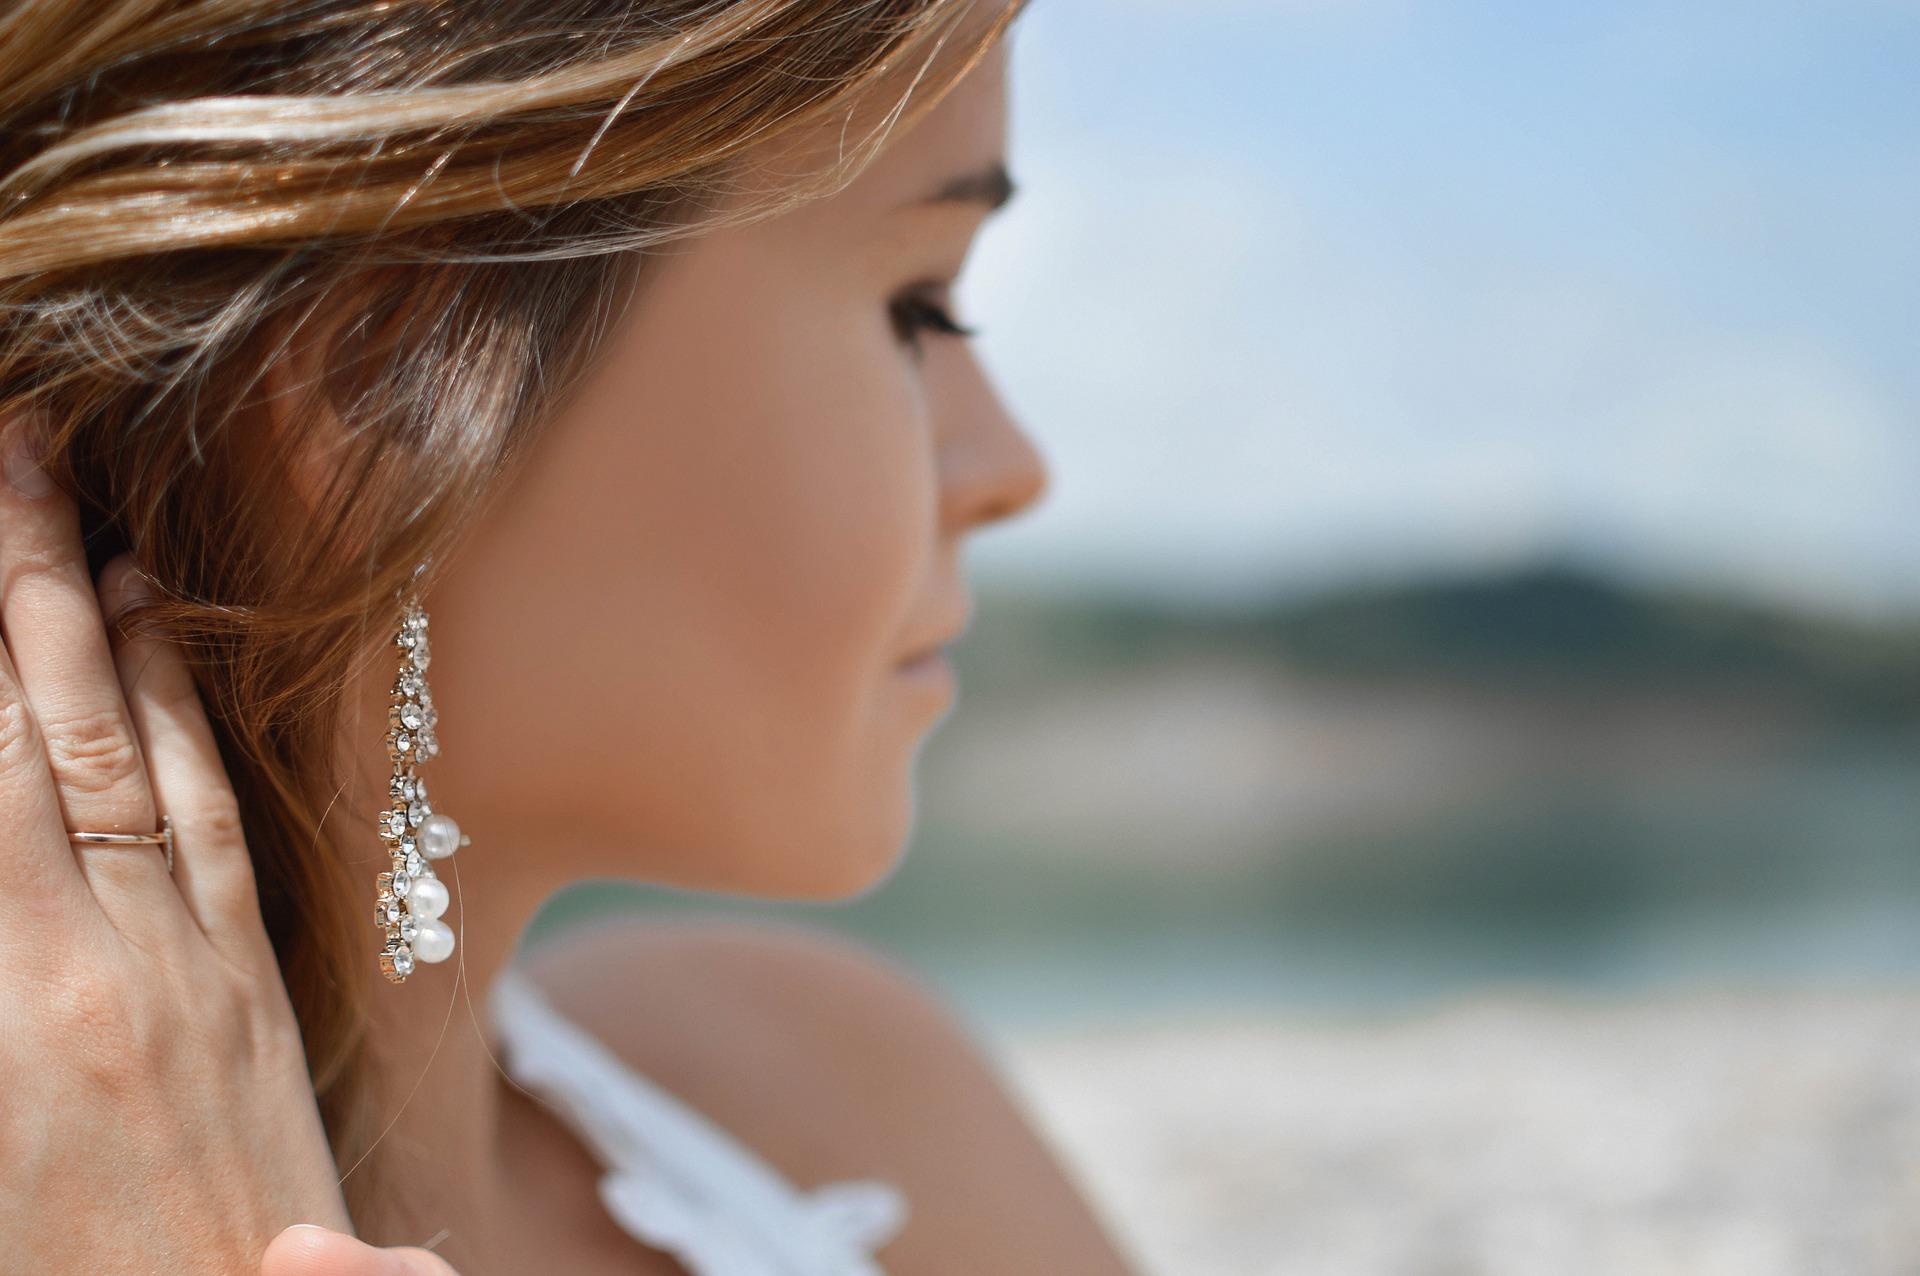 earrings-2593350_1920.jpg